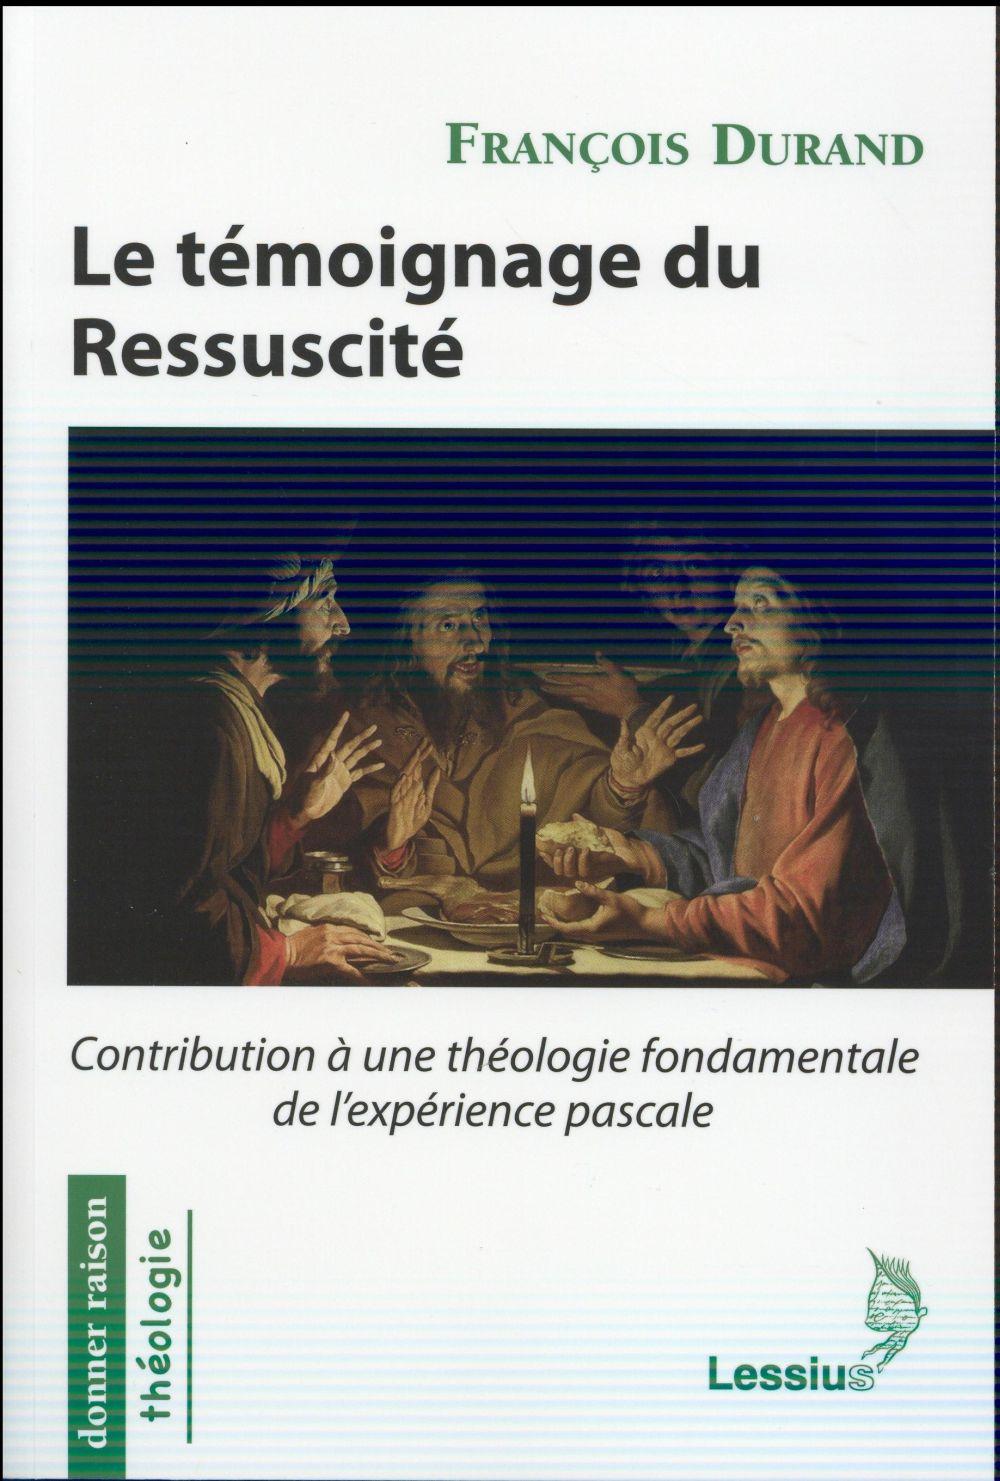 LE TEMOIGNAGE DU RESSUSCITE : CONTRIBUTION A UNE THEOLOGIE FONDAMENTALE DE L'EXPERIENCE PASCALE